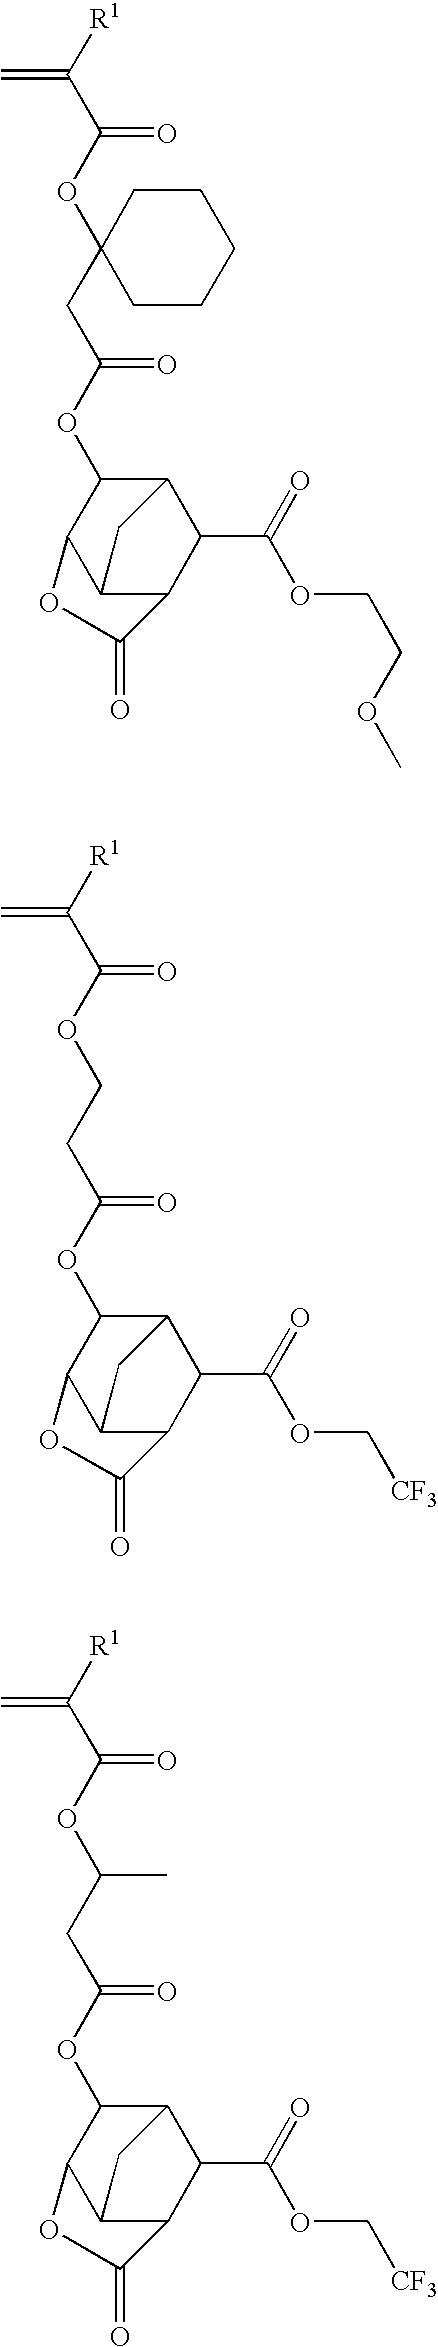 Figure US20080026331A1-20080131-C00021